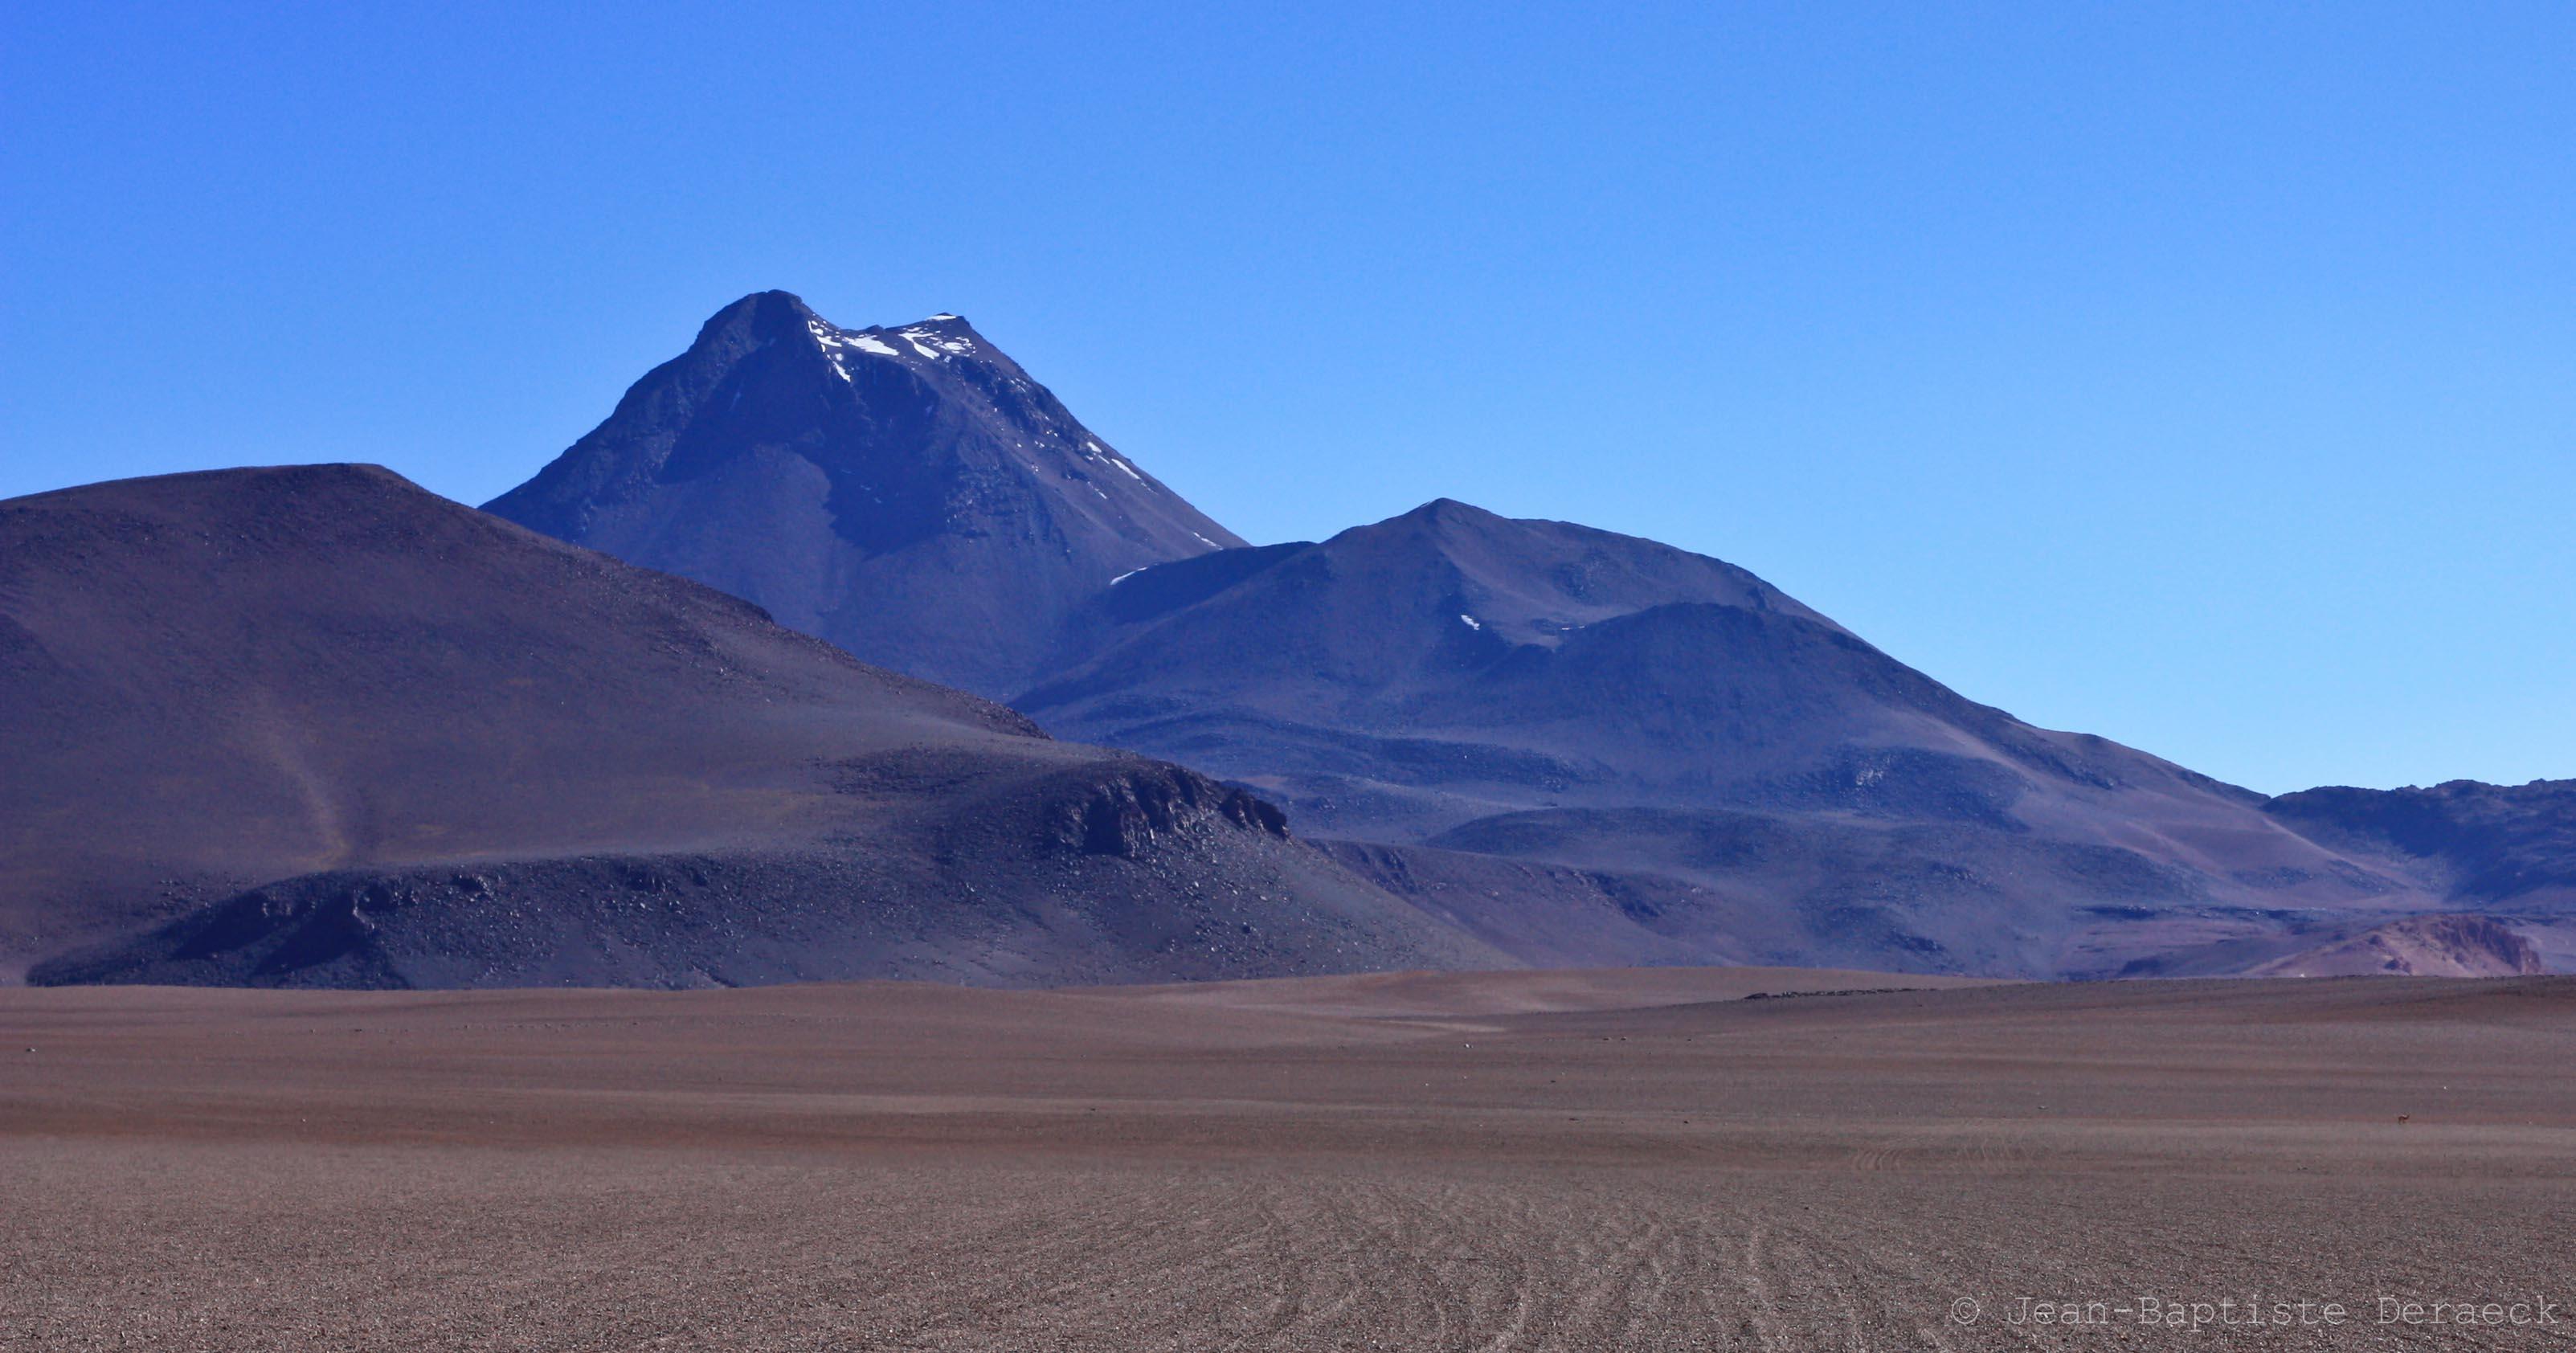 Cerro Pili